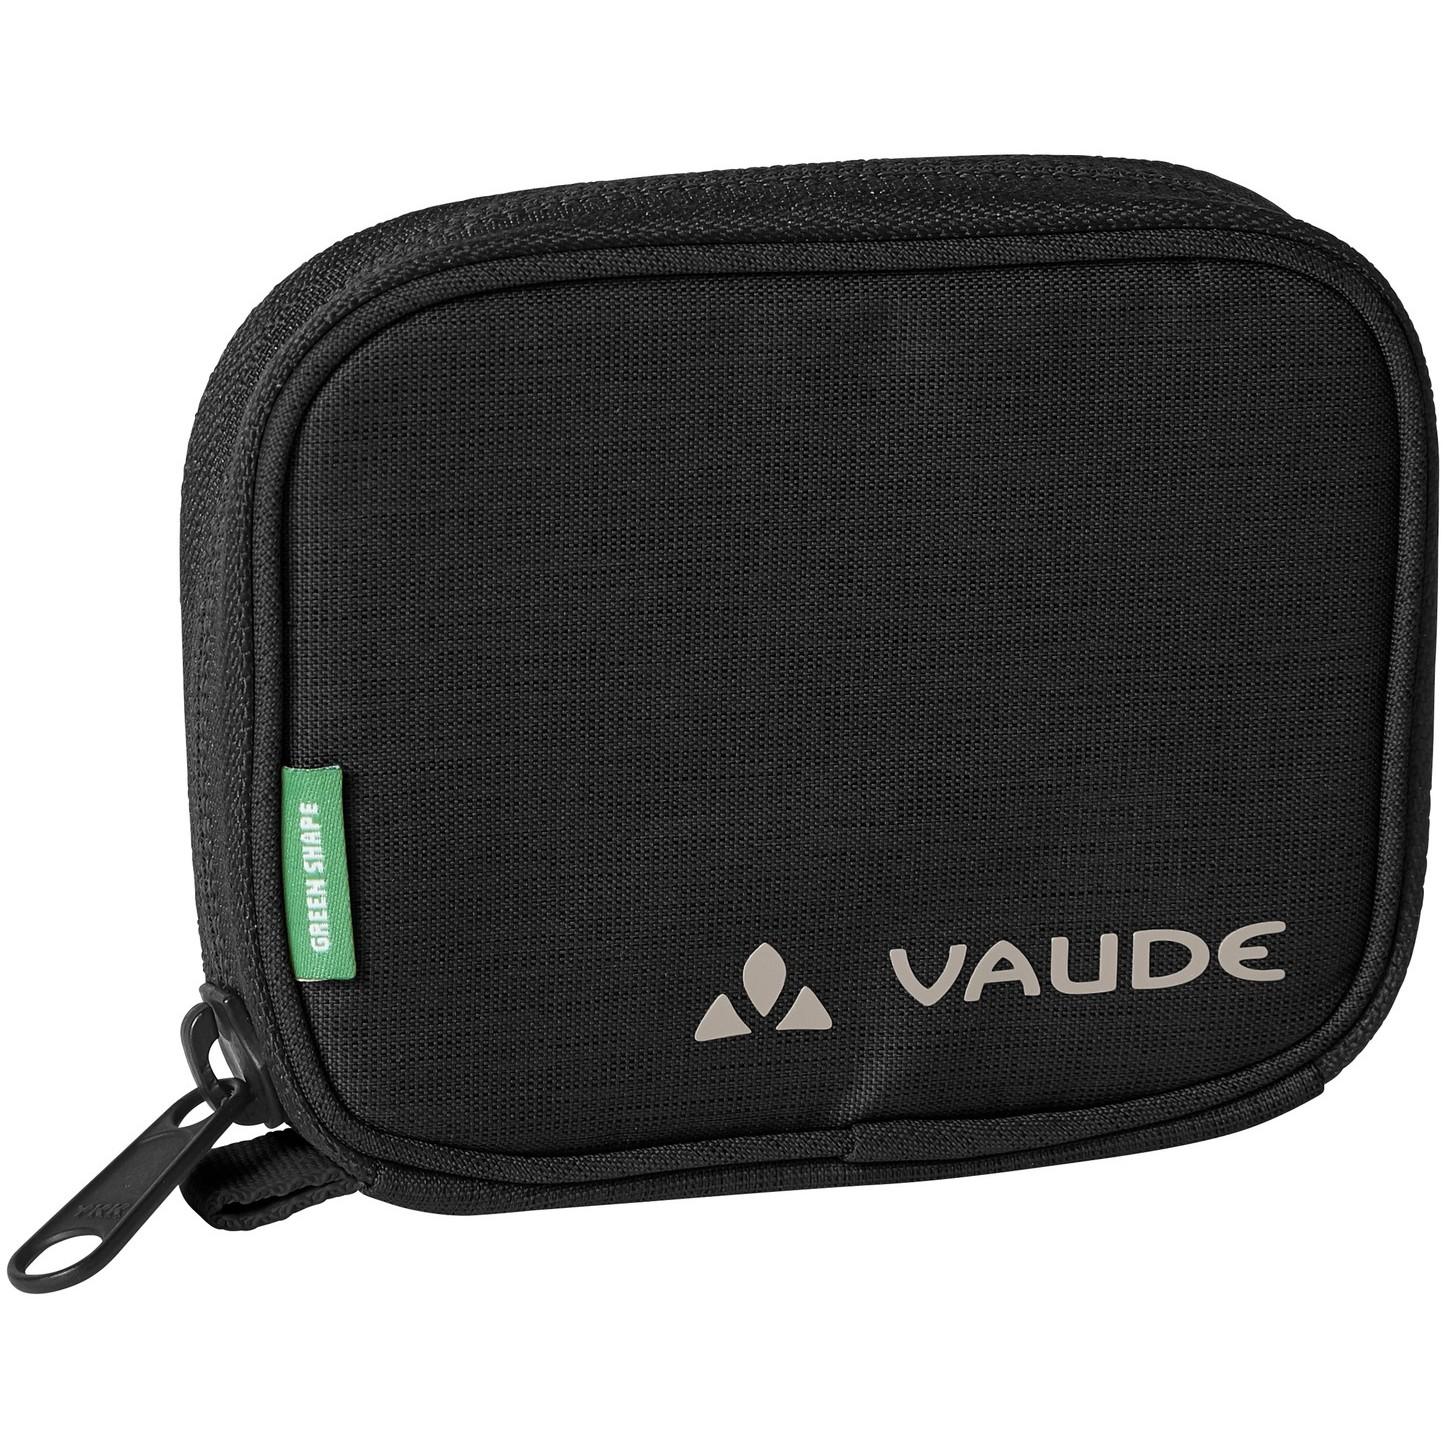 Image of Vaude Wallet S - black